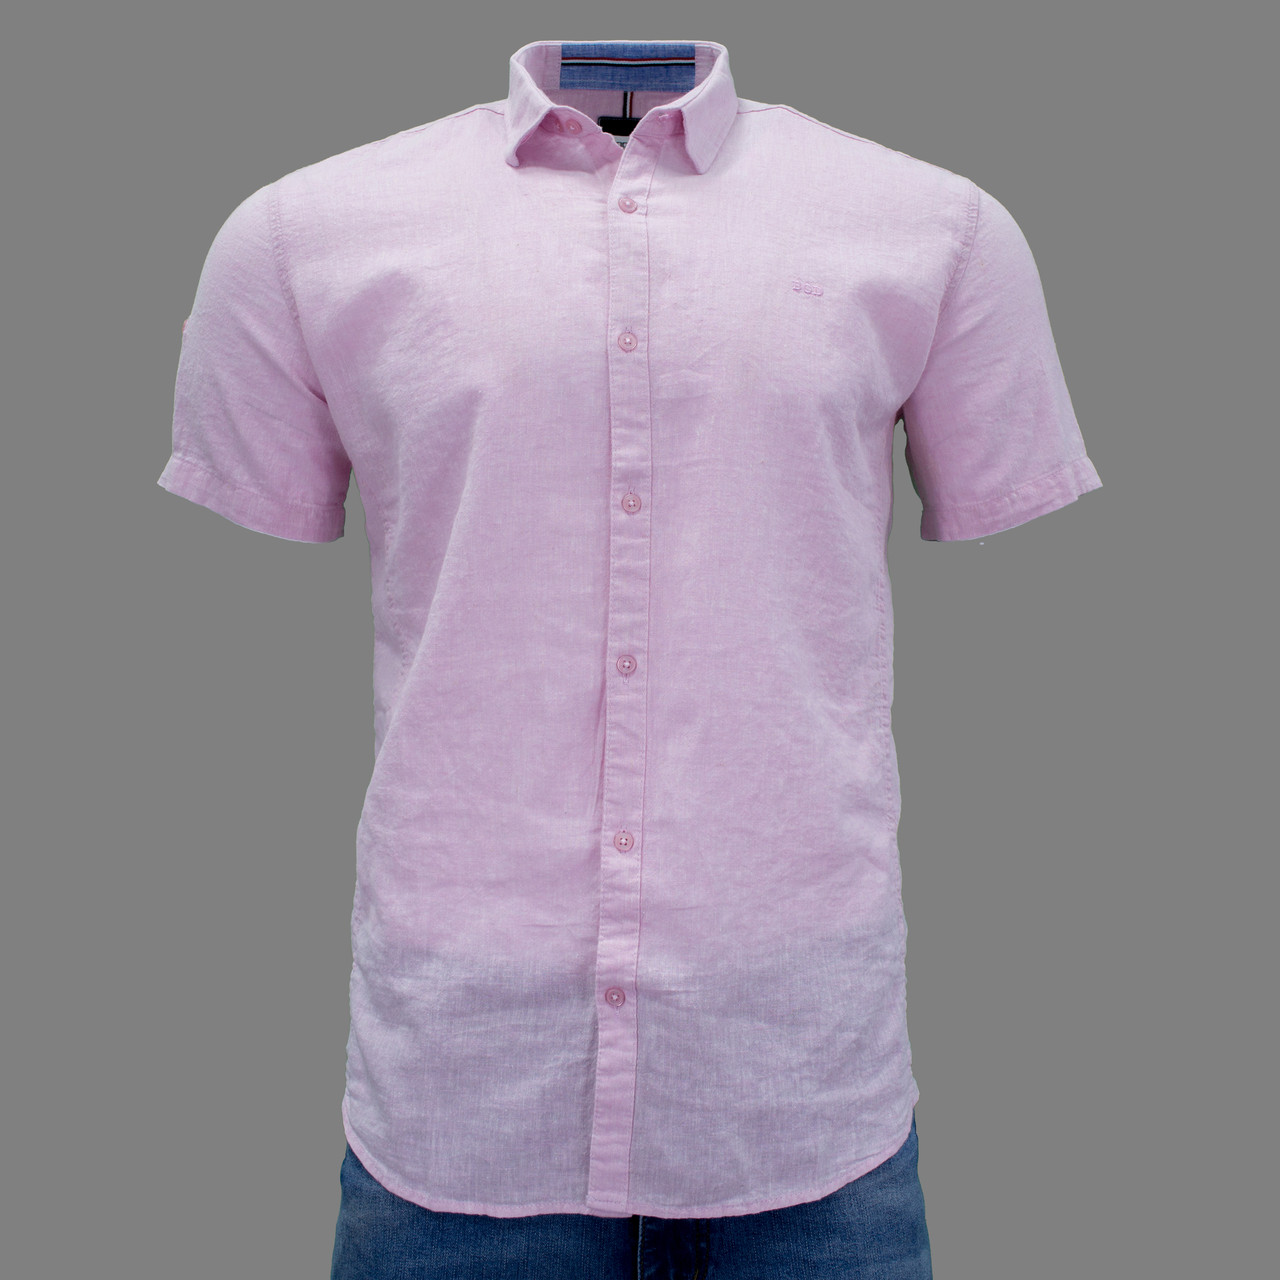 Сорочка чоловіча (приталена) з коротким рукавом Bagarda BG5727 PINK 80% льон 20% бавовна XXL(Р)